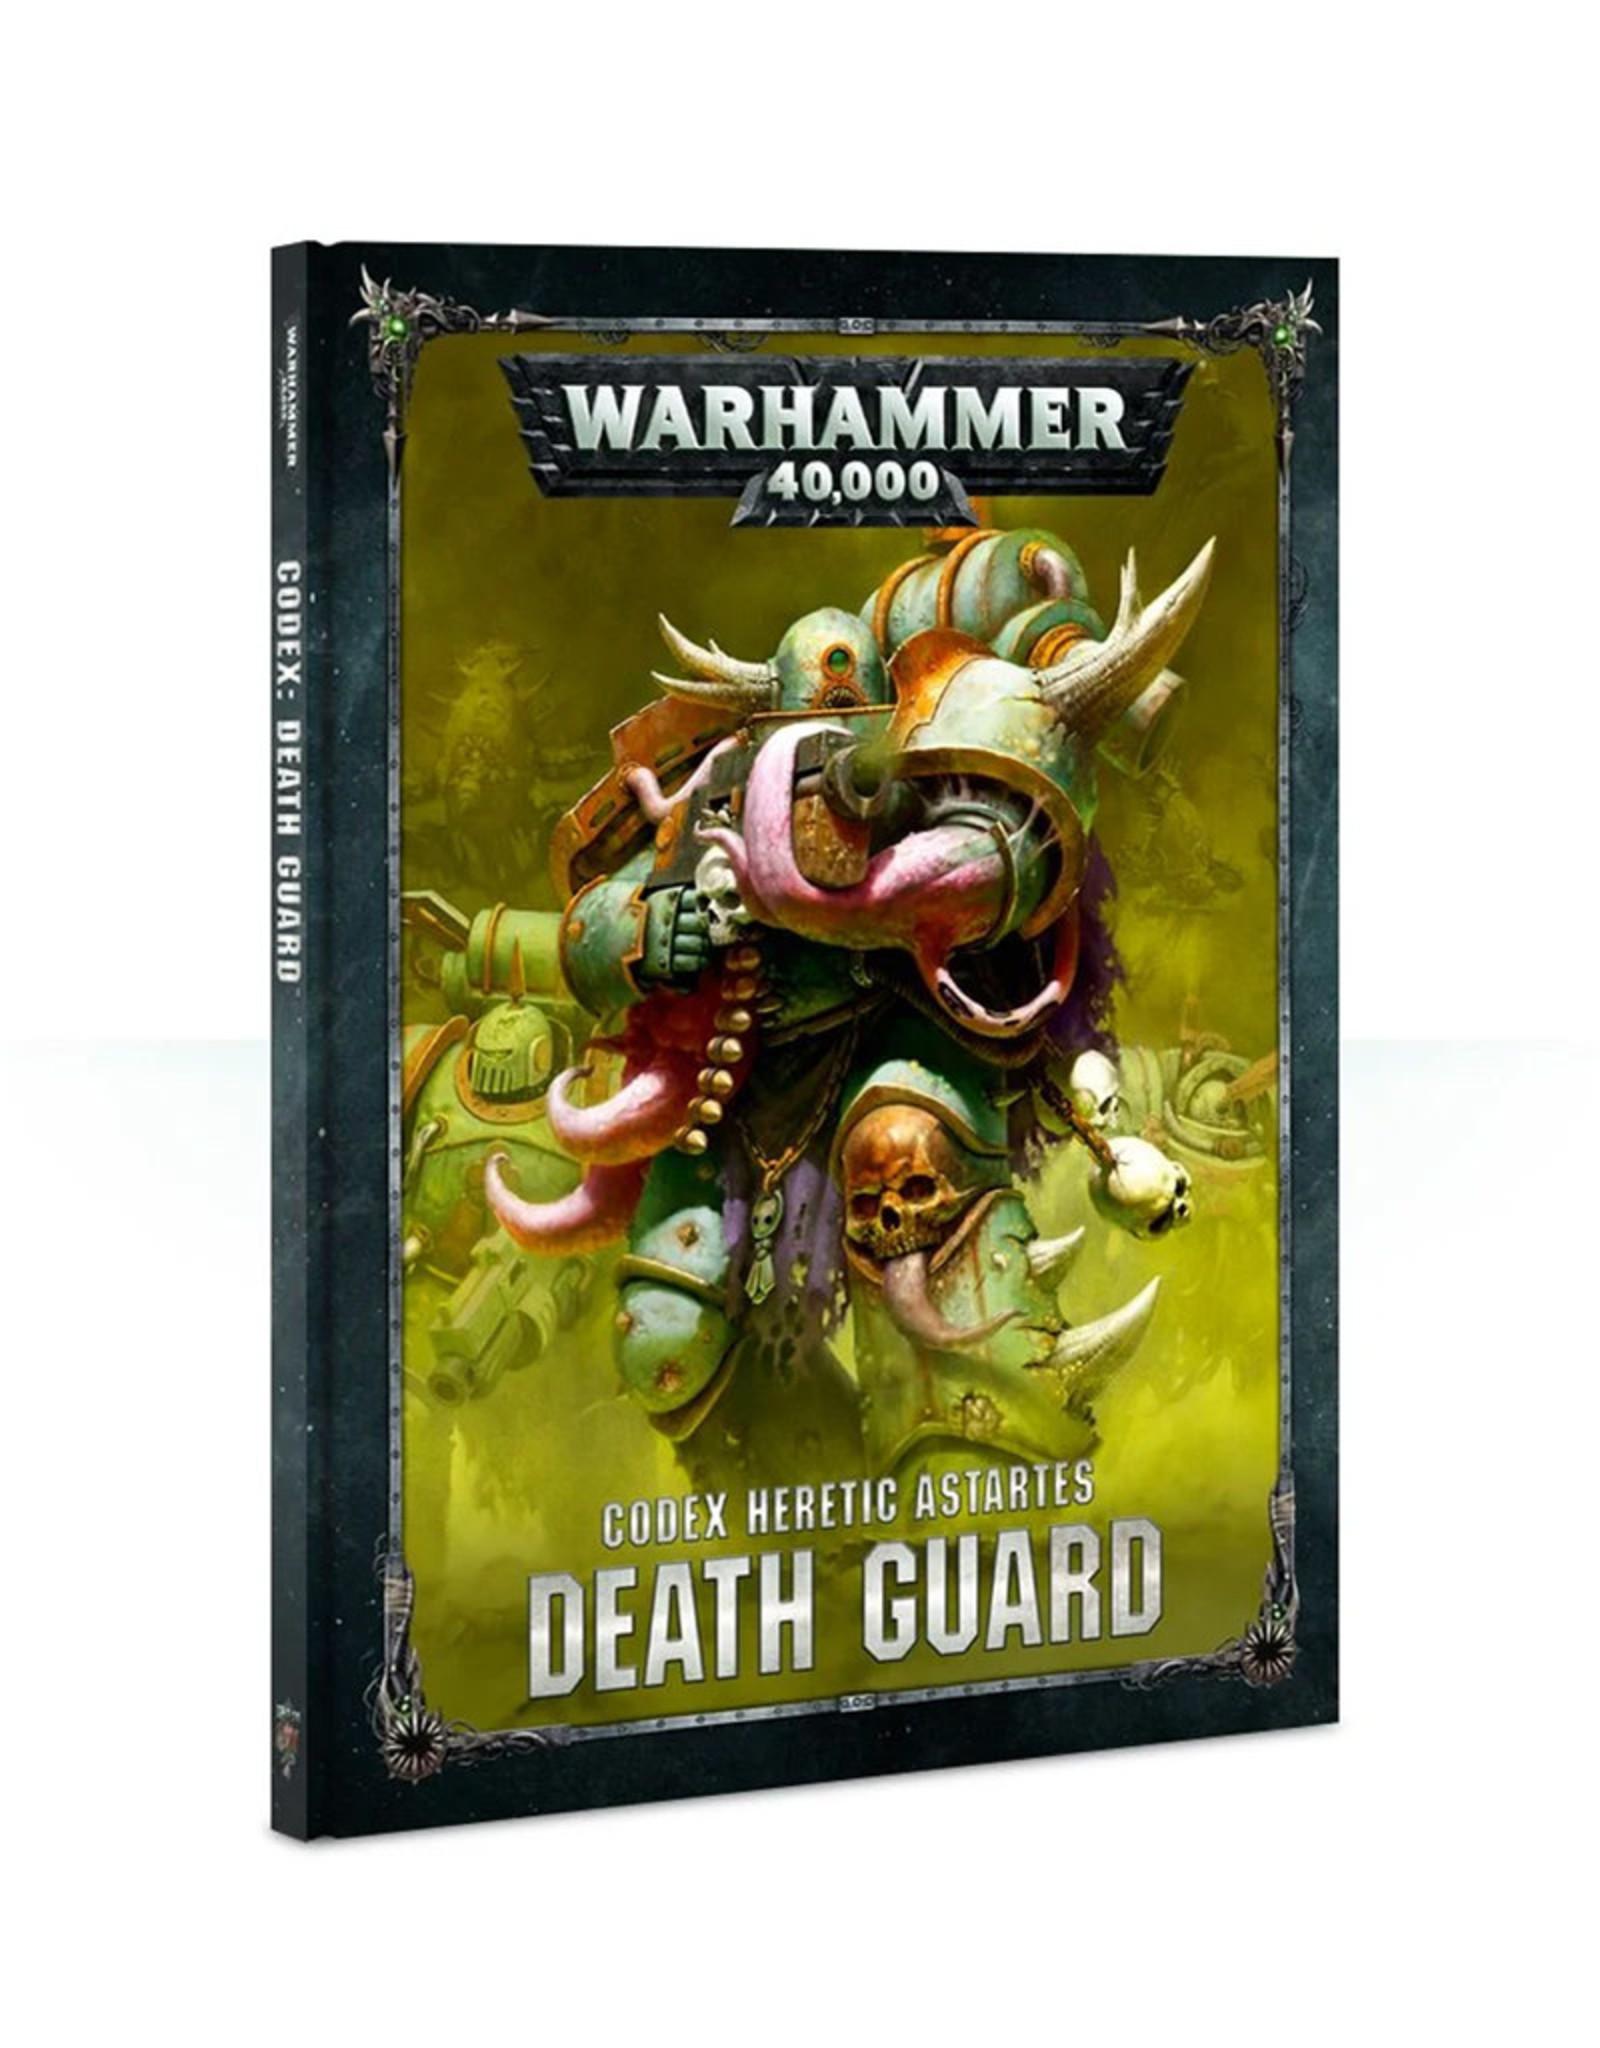 Games Workshop Warhammer 40K: Death Guard Codex